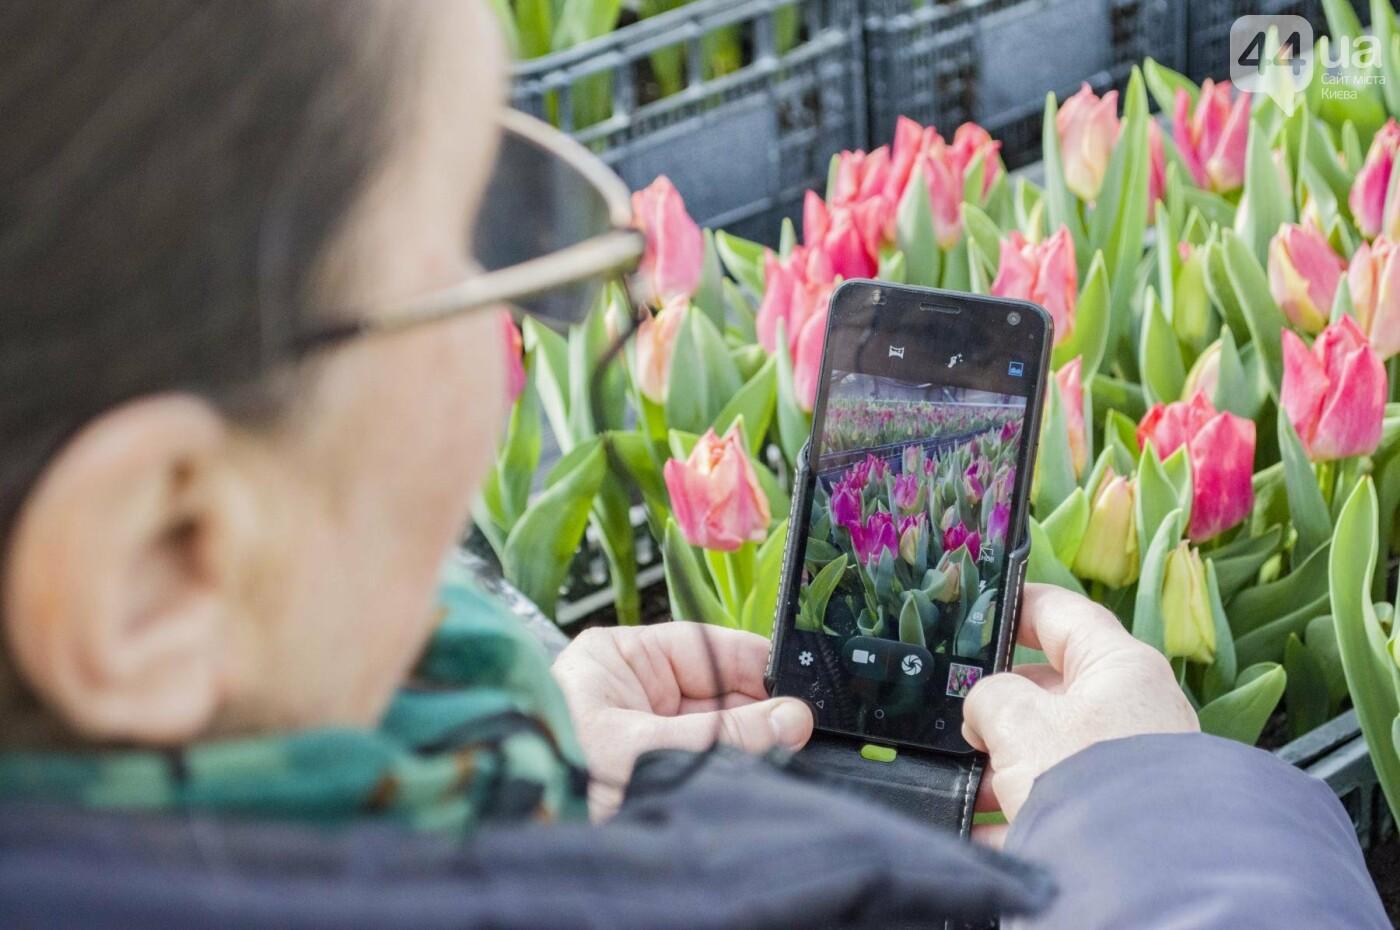 Цветочный рай: в киевской оранжерее зацвели десятки тысяч тюльпанов, фото-9